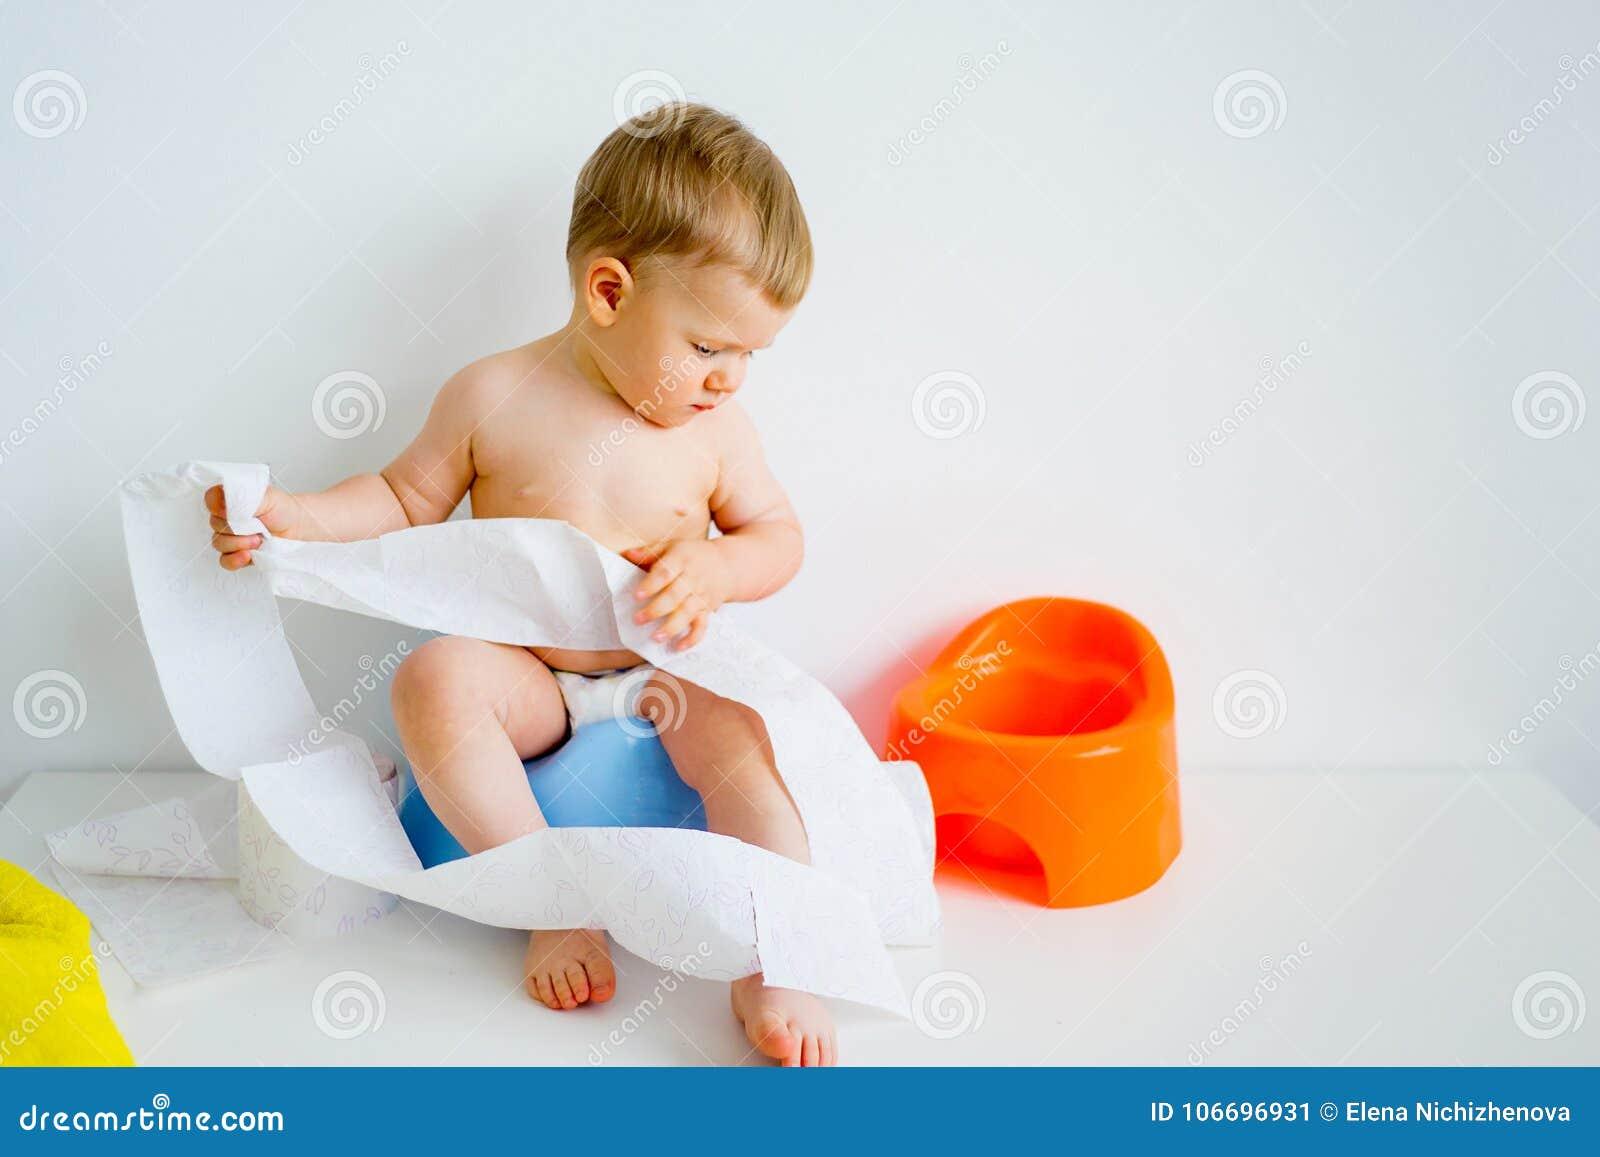 Младенец сидя на горшочке